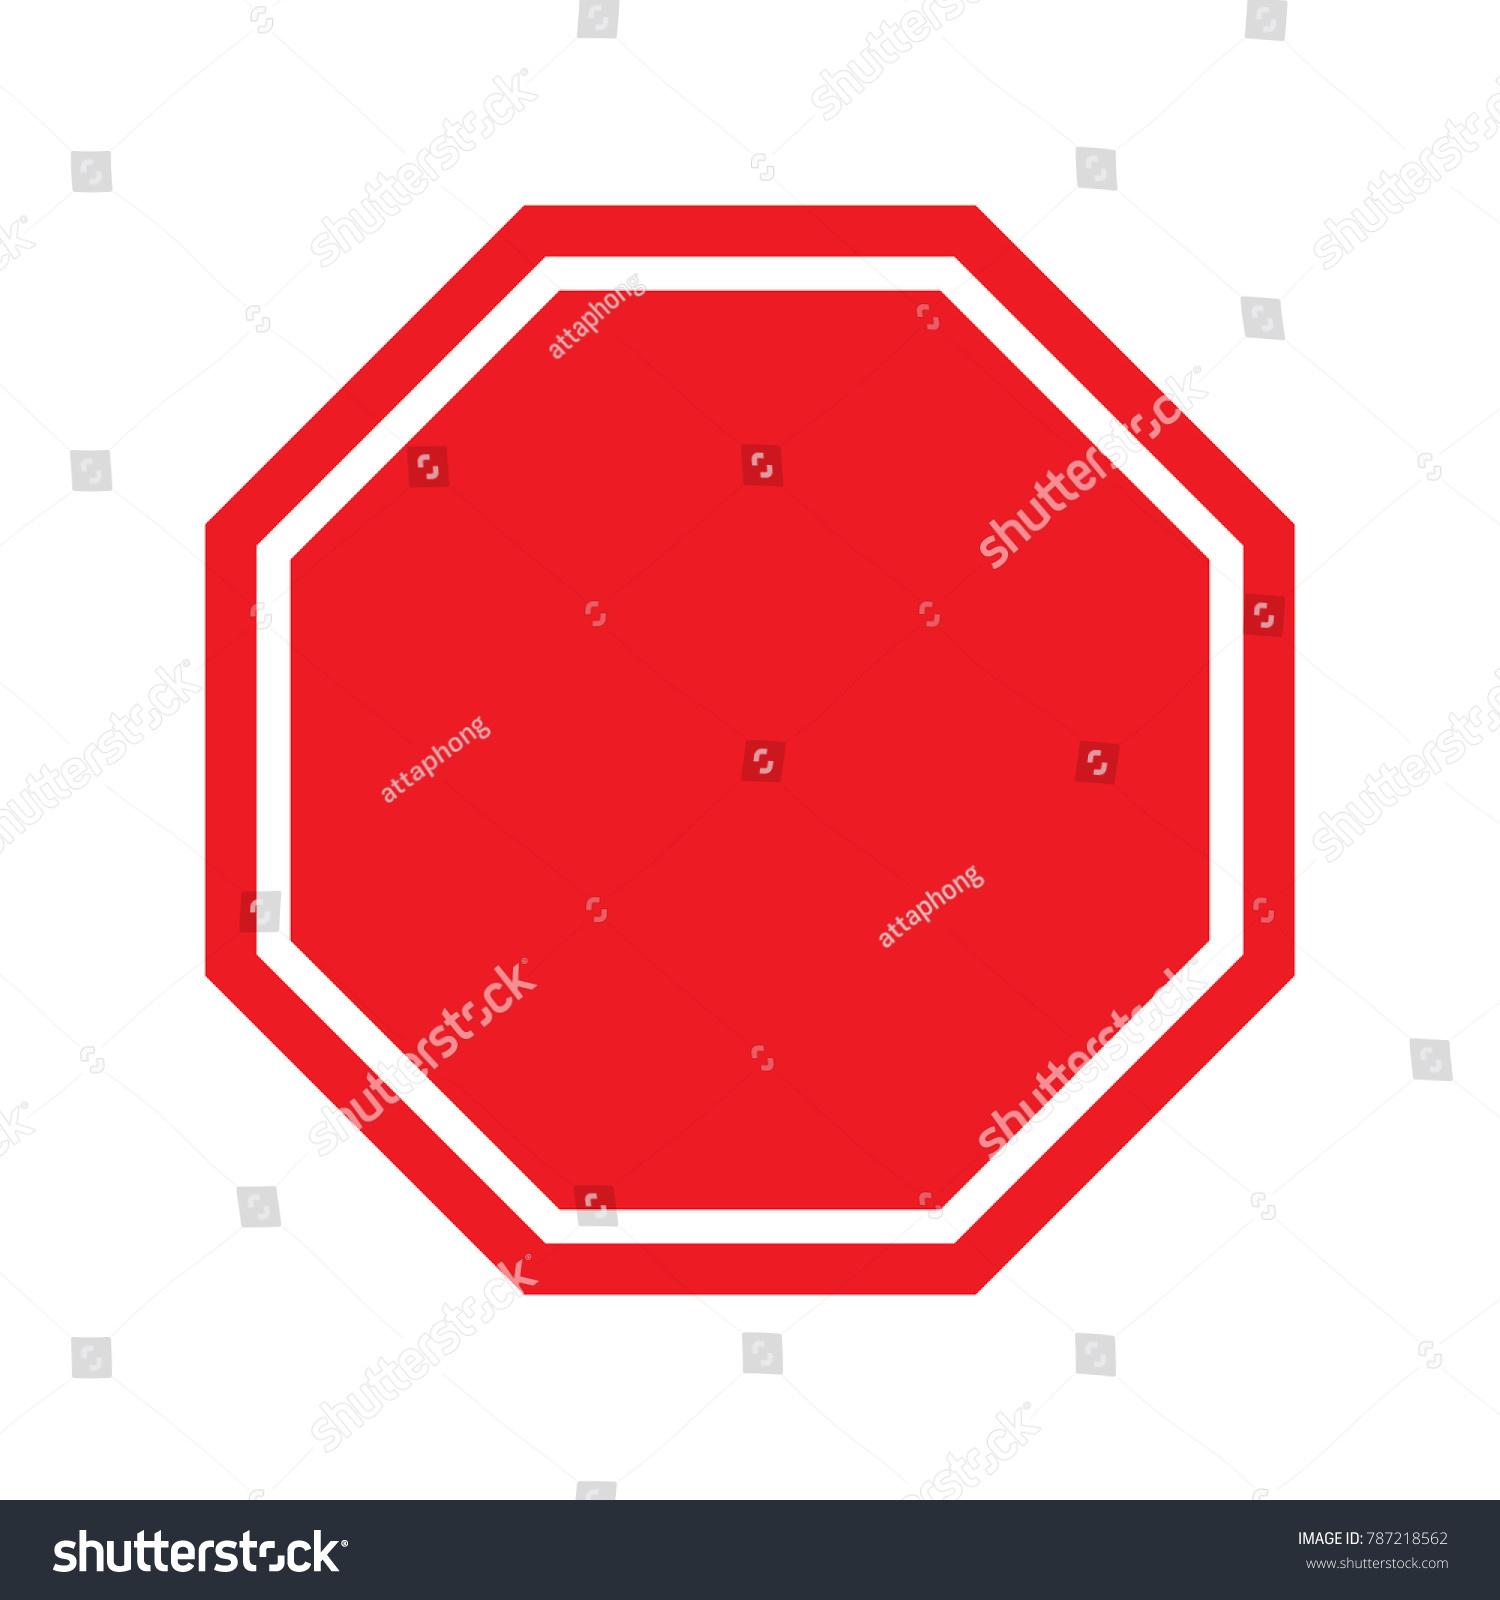 hight resolution of traffic signal symbol sign stop ahead signs traffic light ahead warning vector illustration